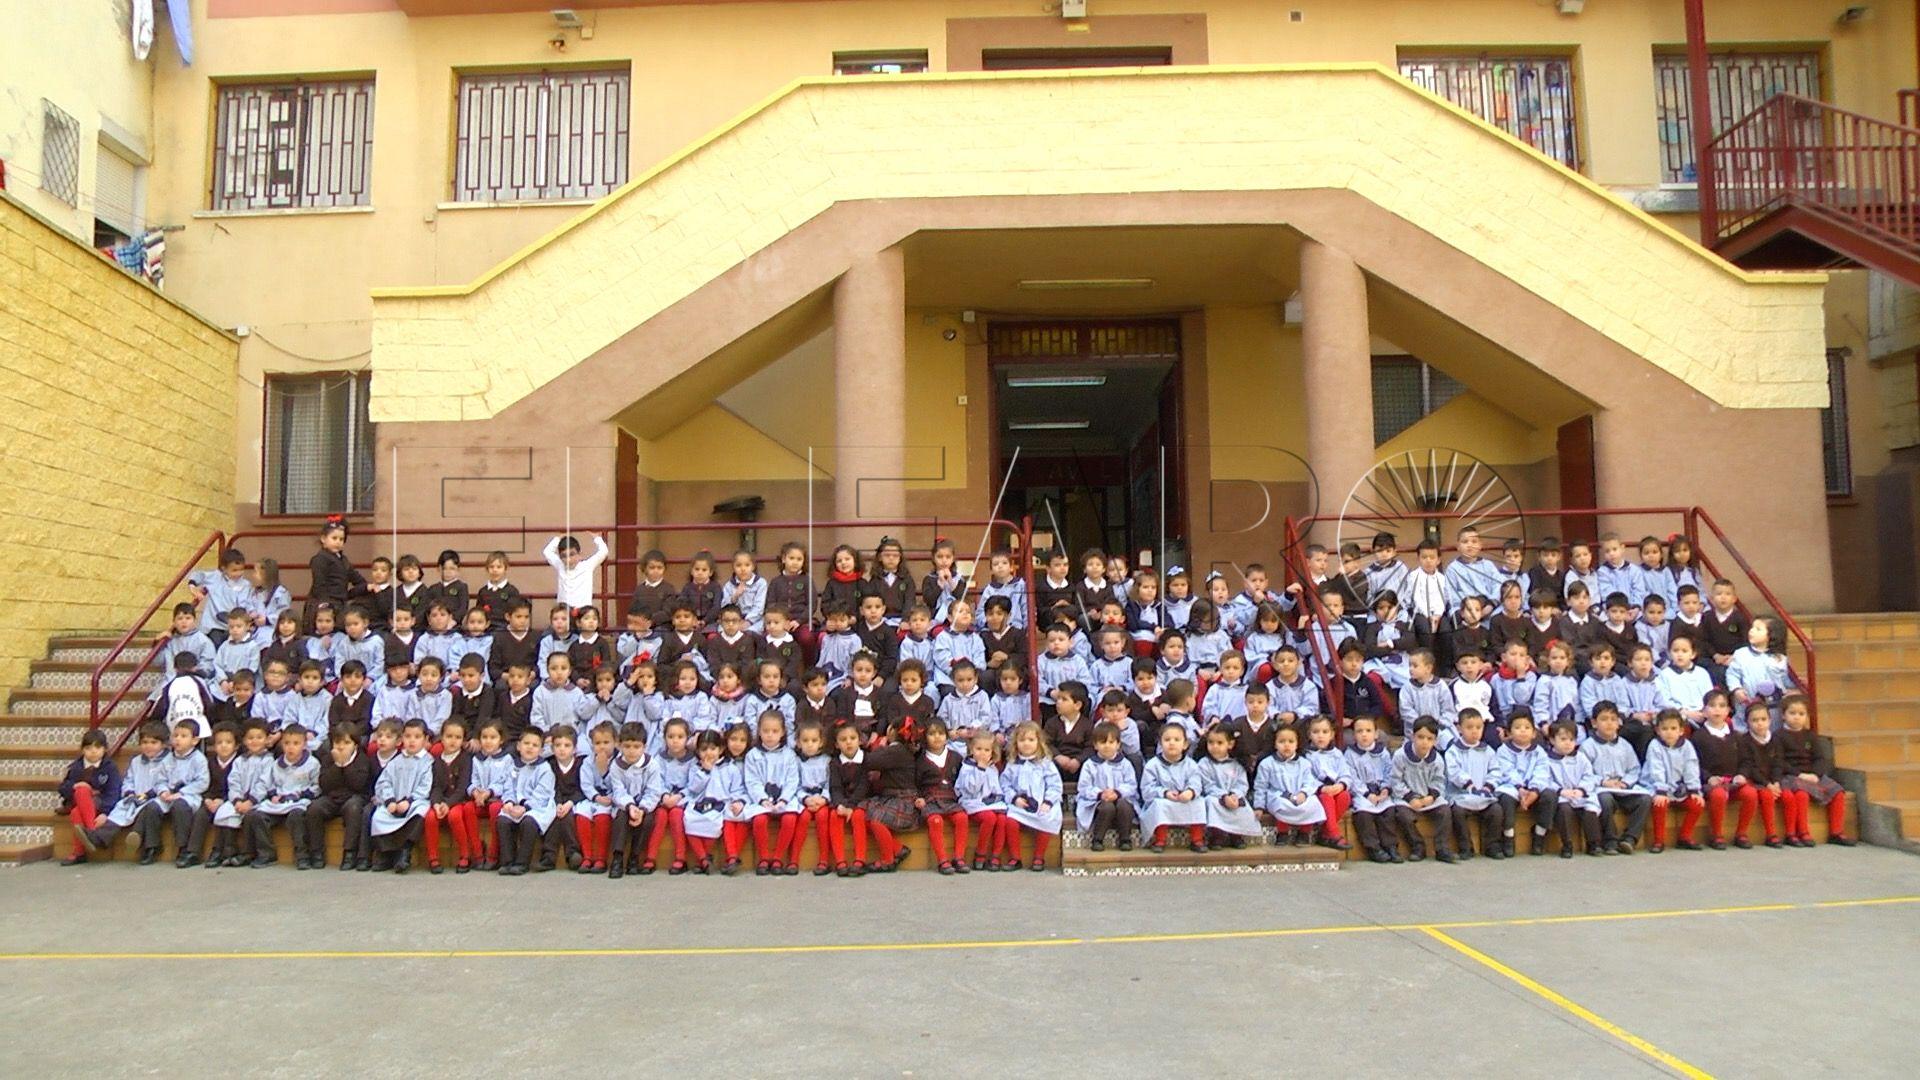 El Colegio Beatriz De Silva Nace De La Unión De Varios Centros En 1977 El Faro De Ceuta